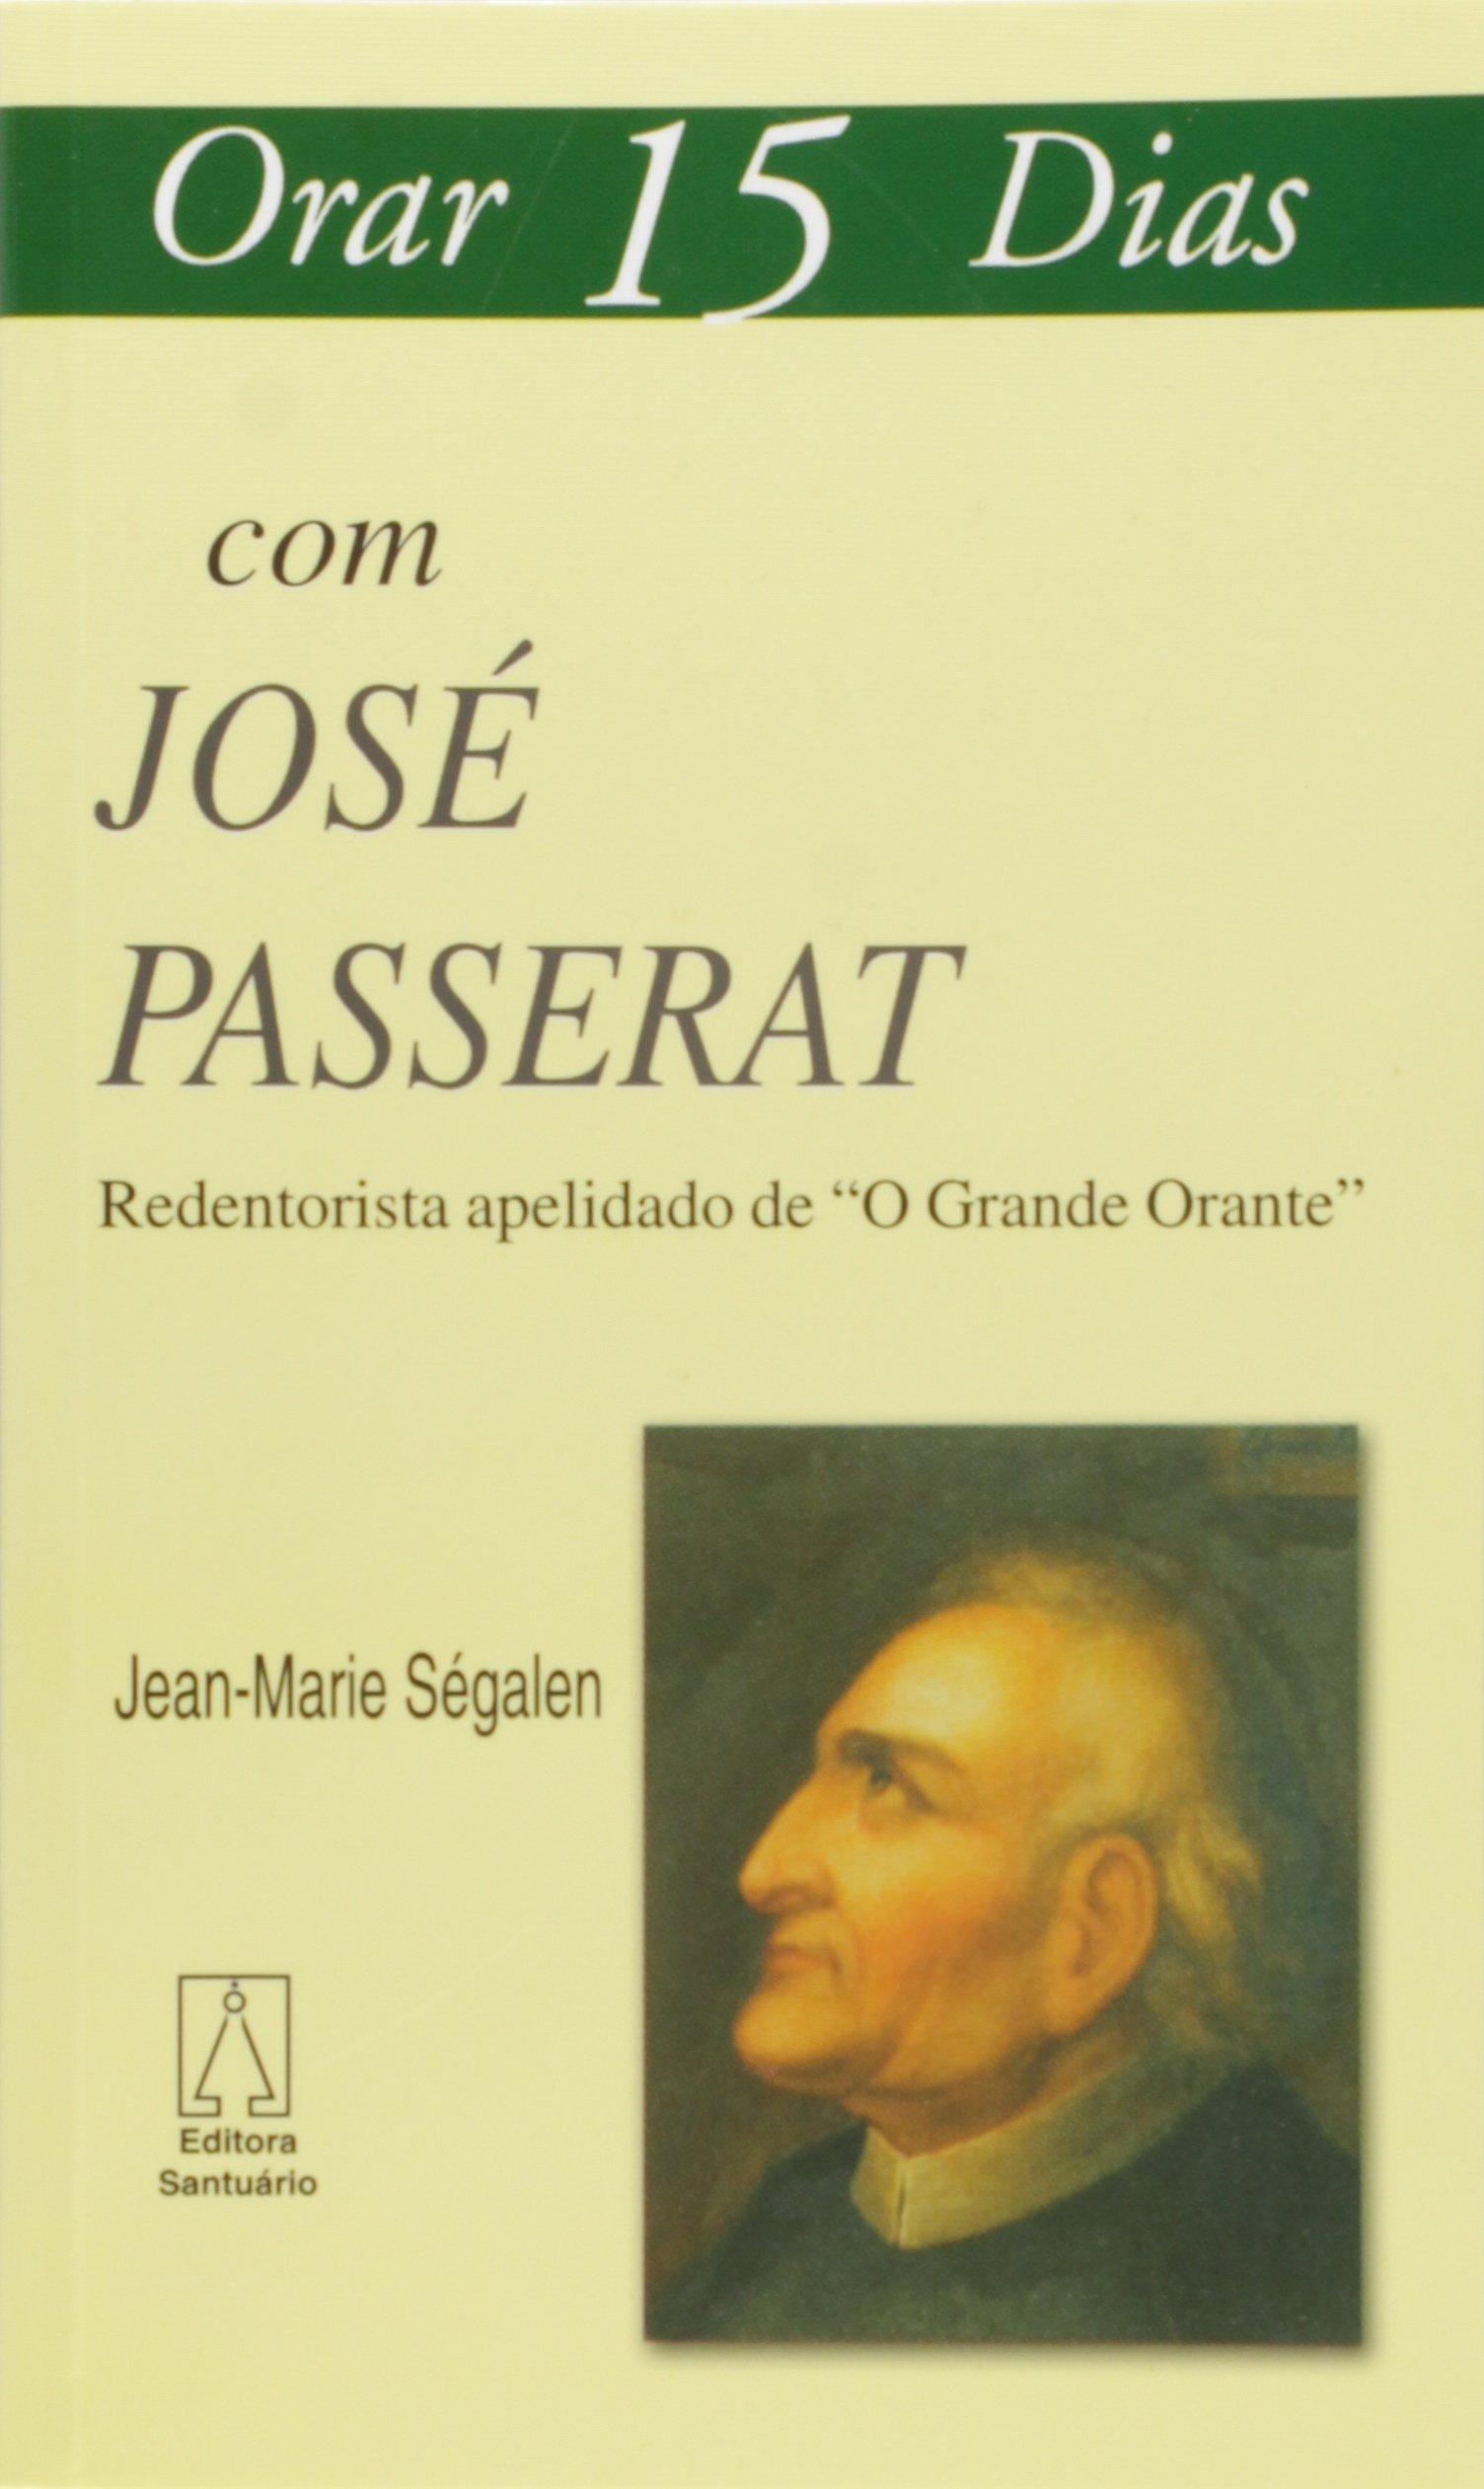 Orar 15 Dias com Jose Passerat - Redentorista Apelidado de O Grande Orante ebook